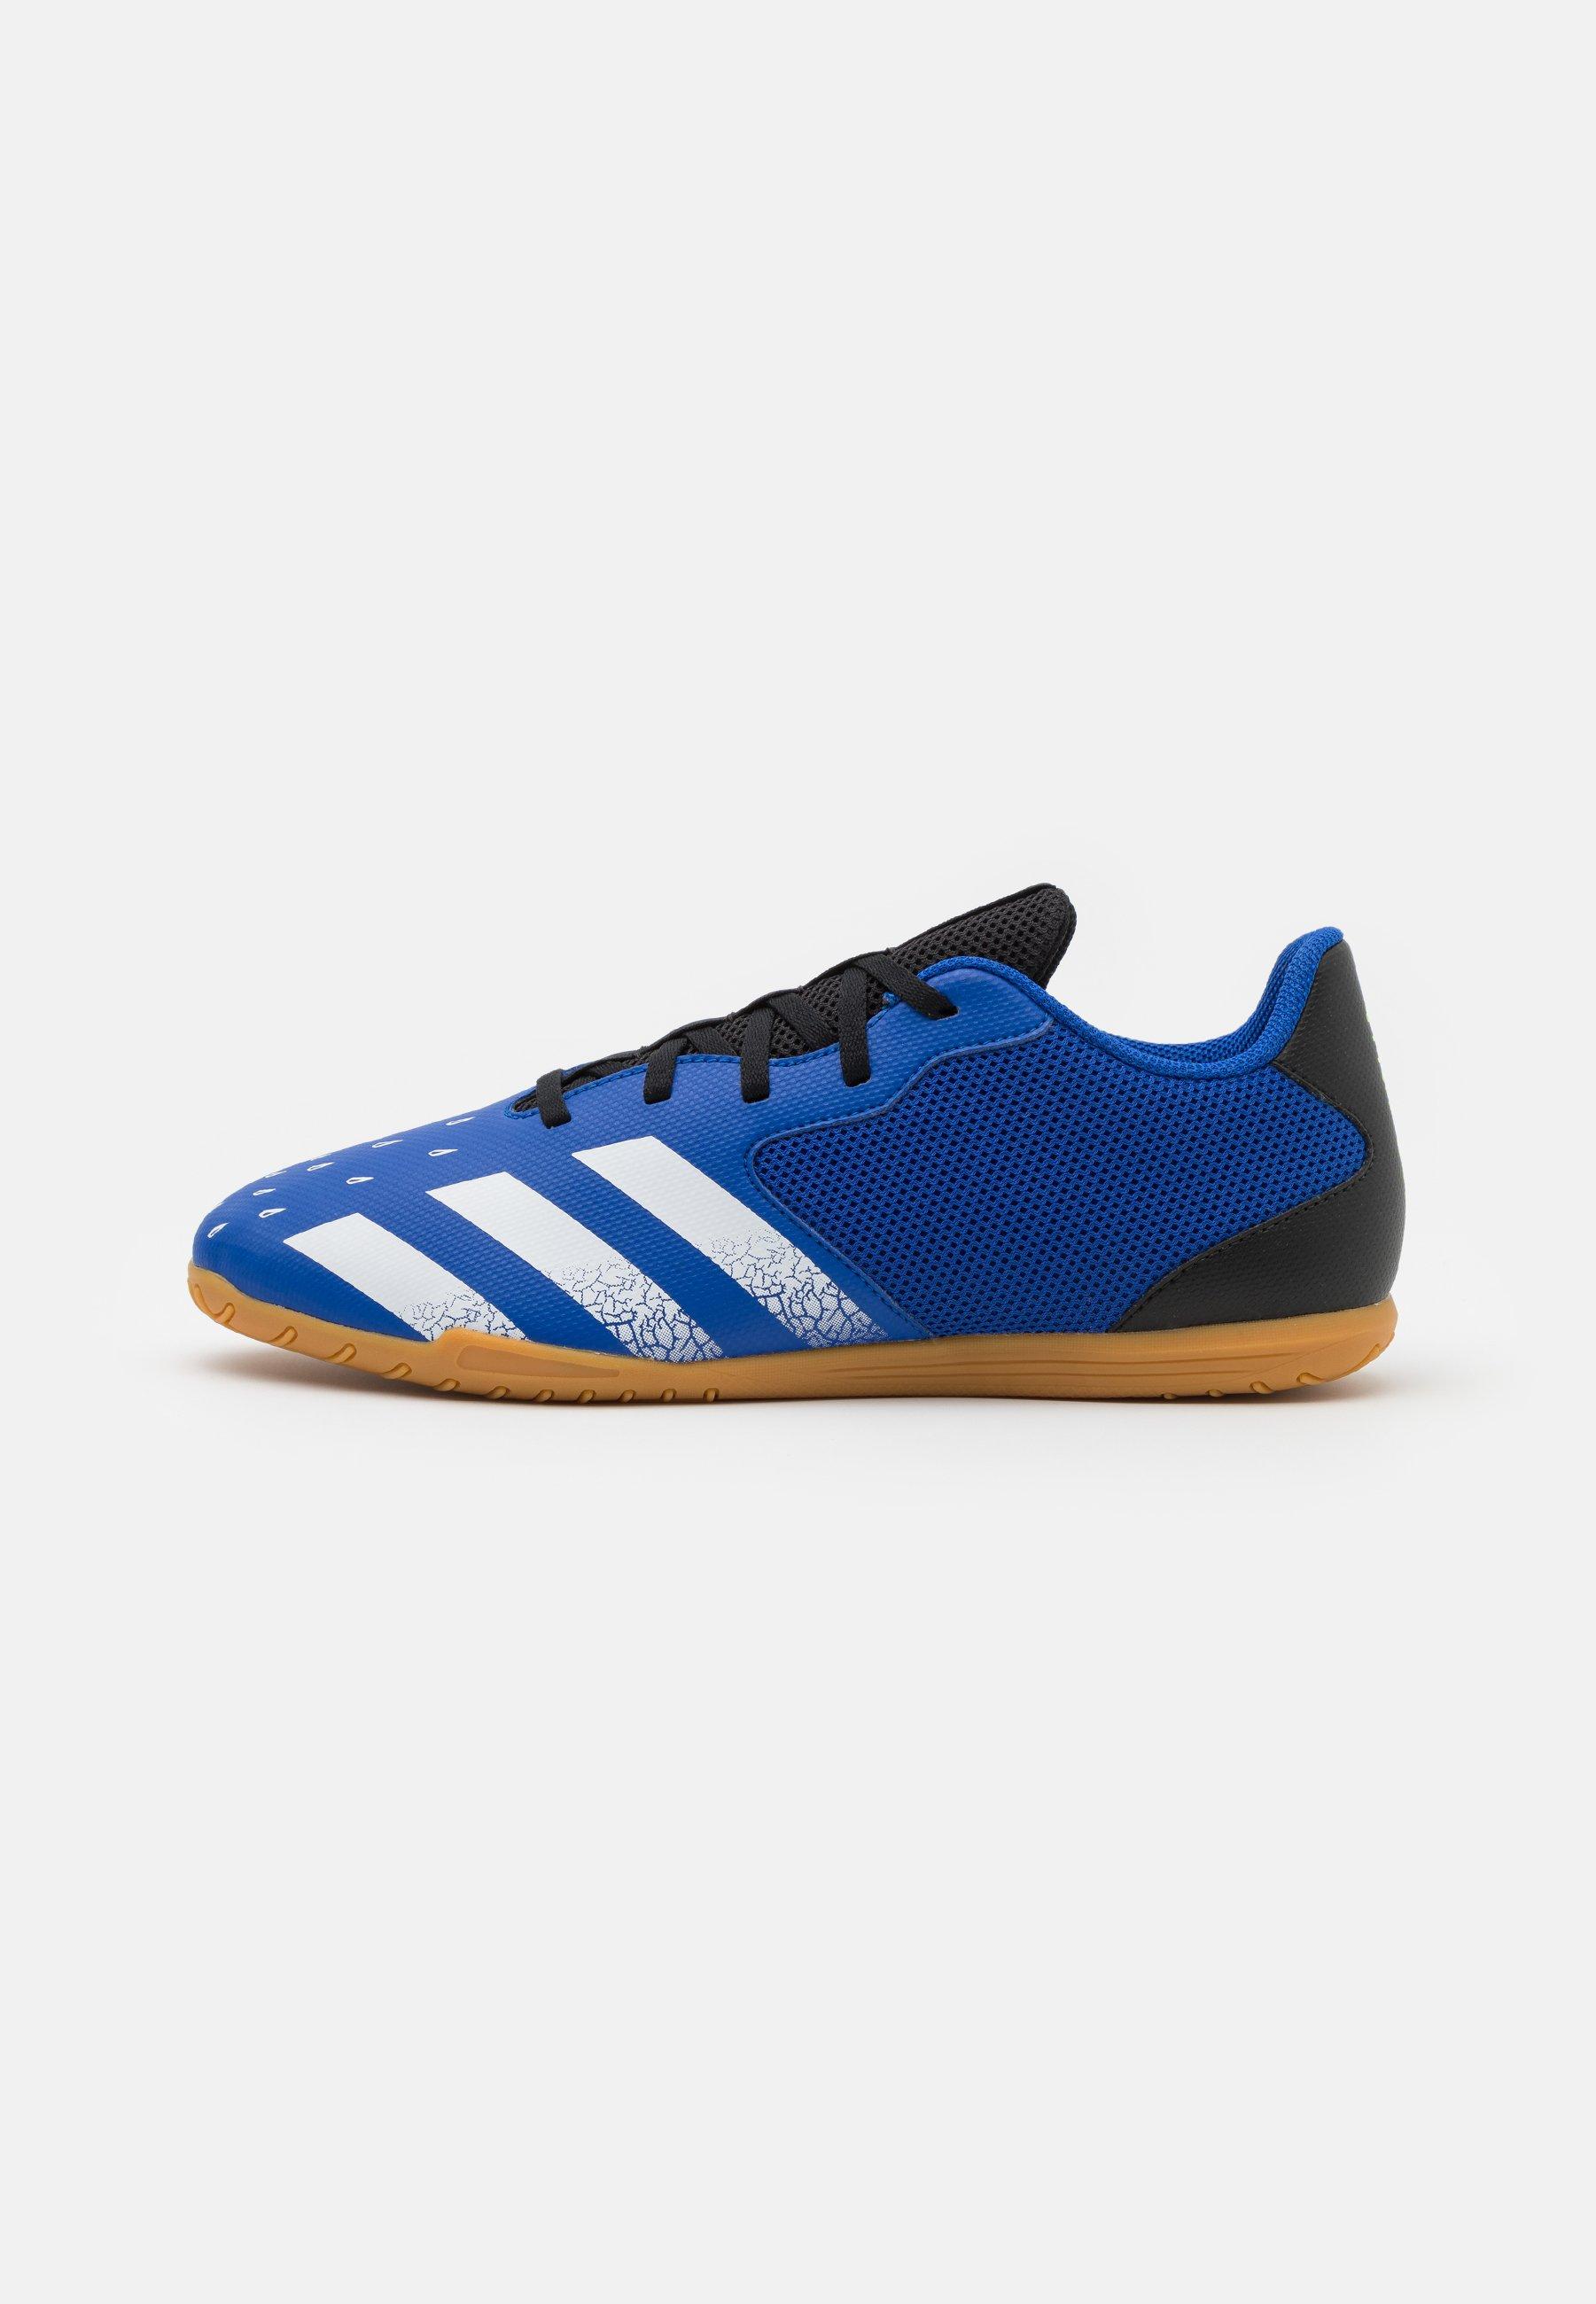 Men PREDATOR FREAK .4 IN SALA - Indoor football boots